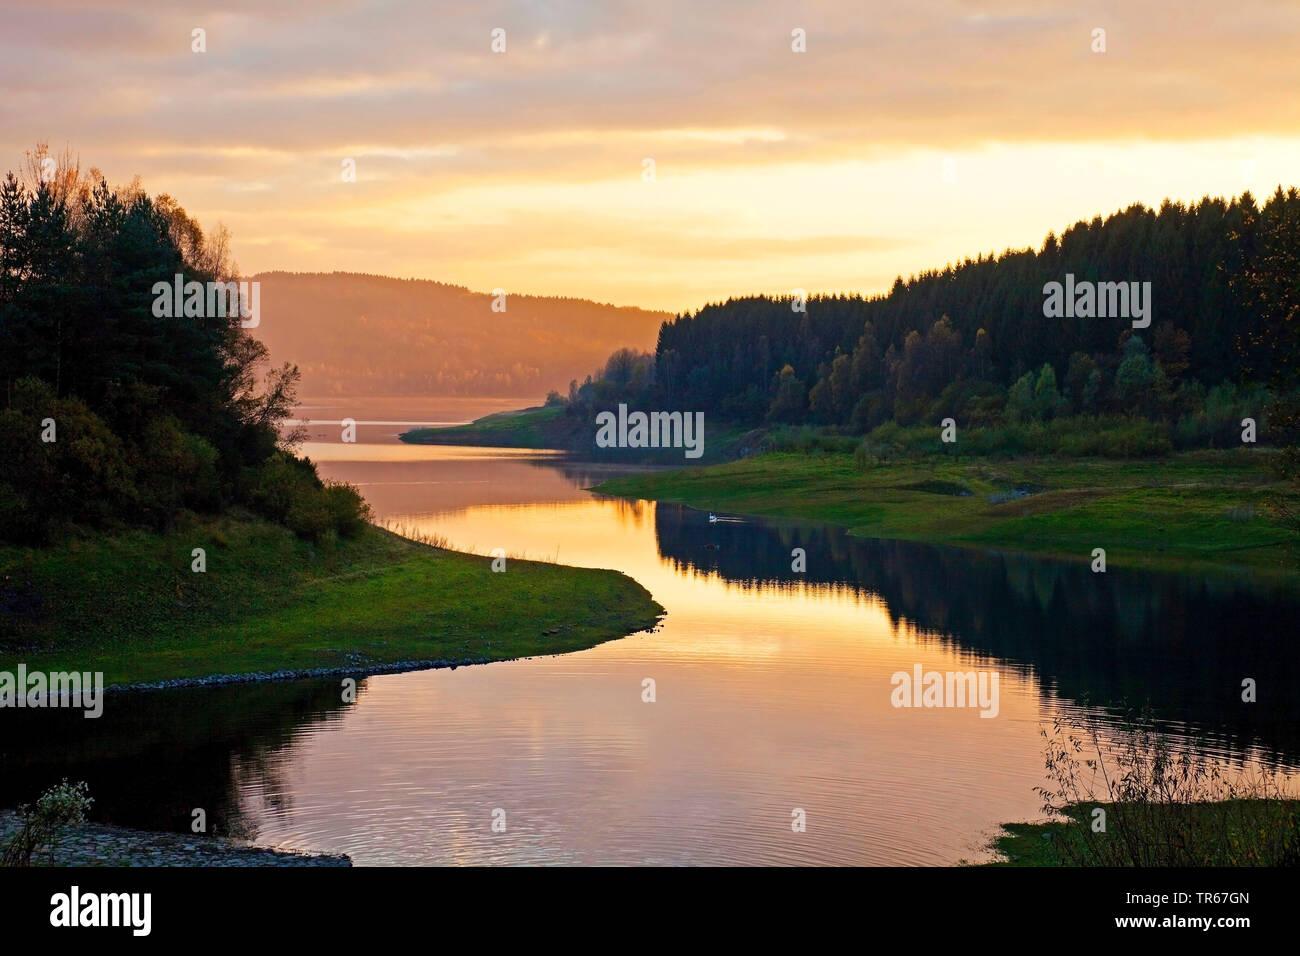 reservoir Grosse Dhuenntalsperre, Germany, North Rhine-Westphalia, Bergisches Land, Wermelskirchen - Stock Image